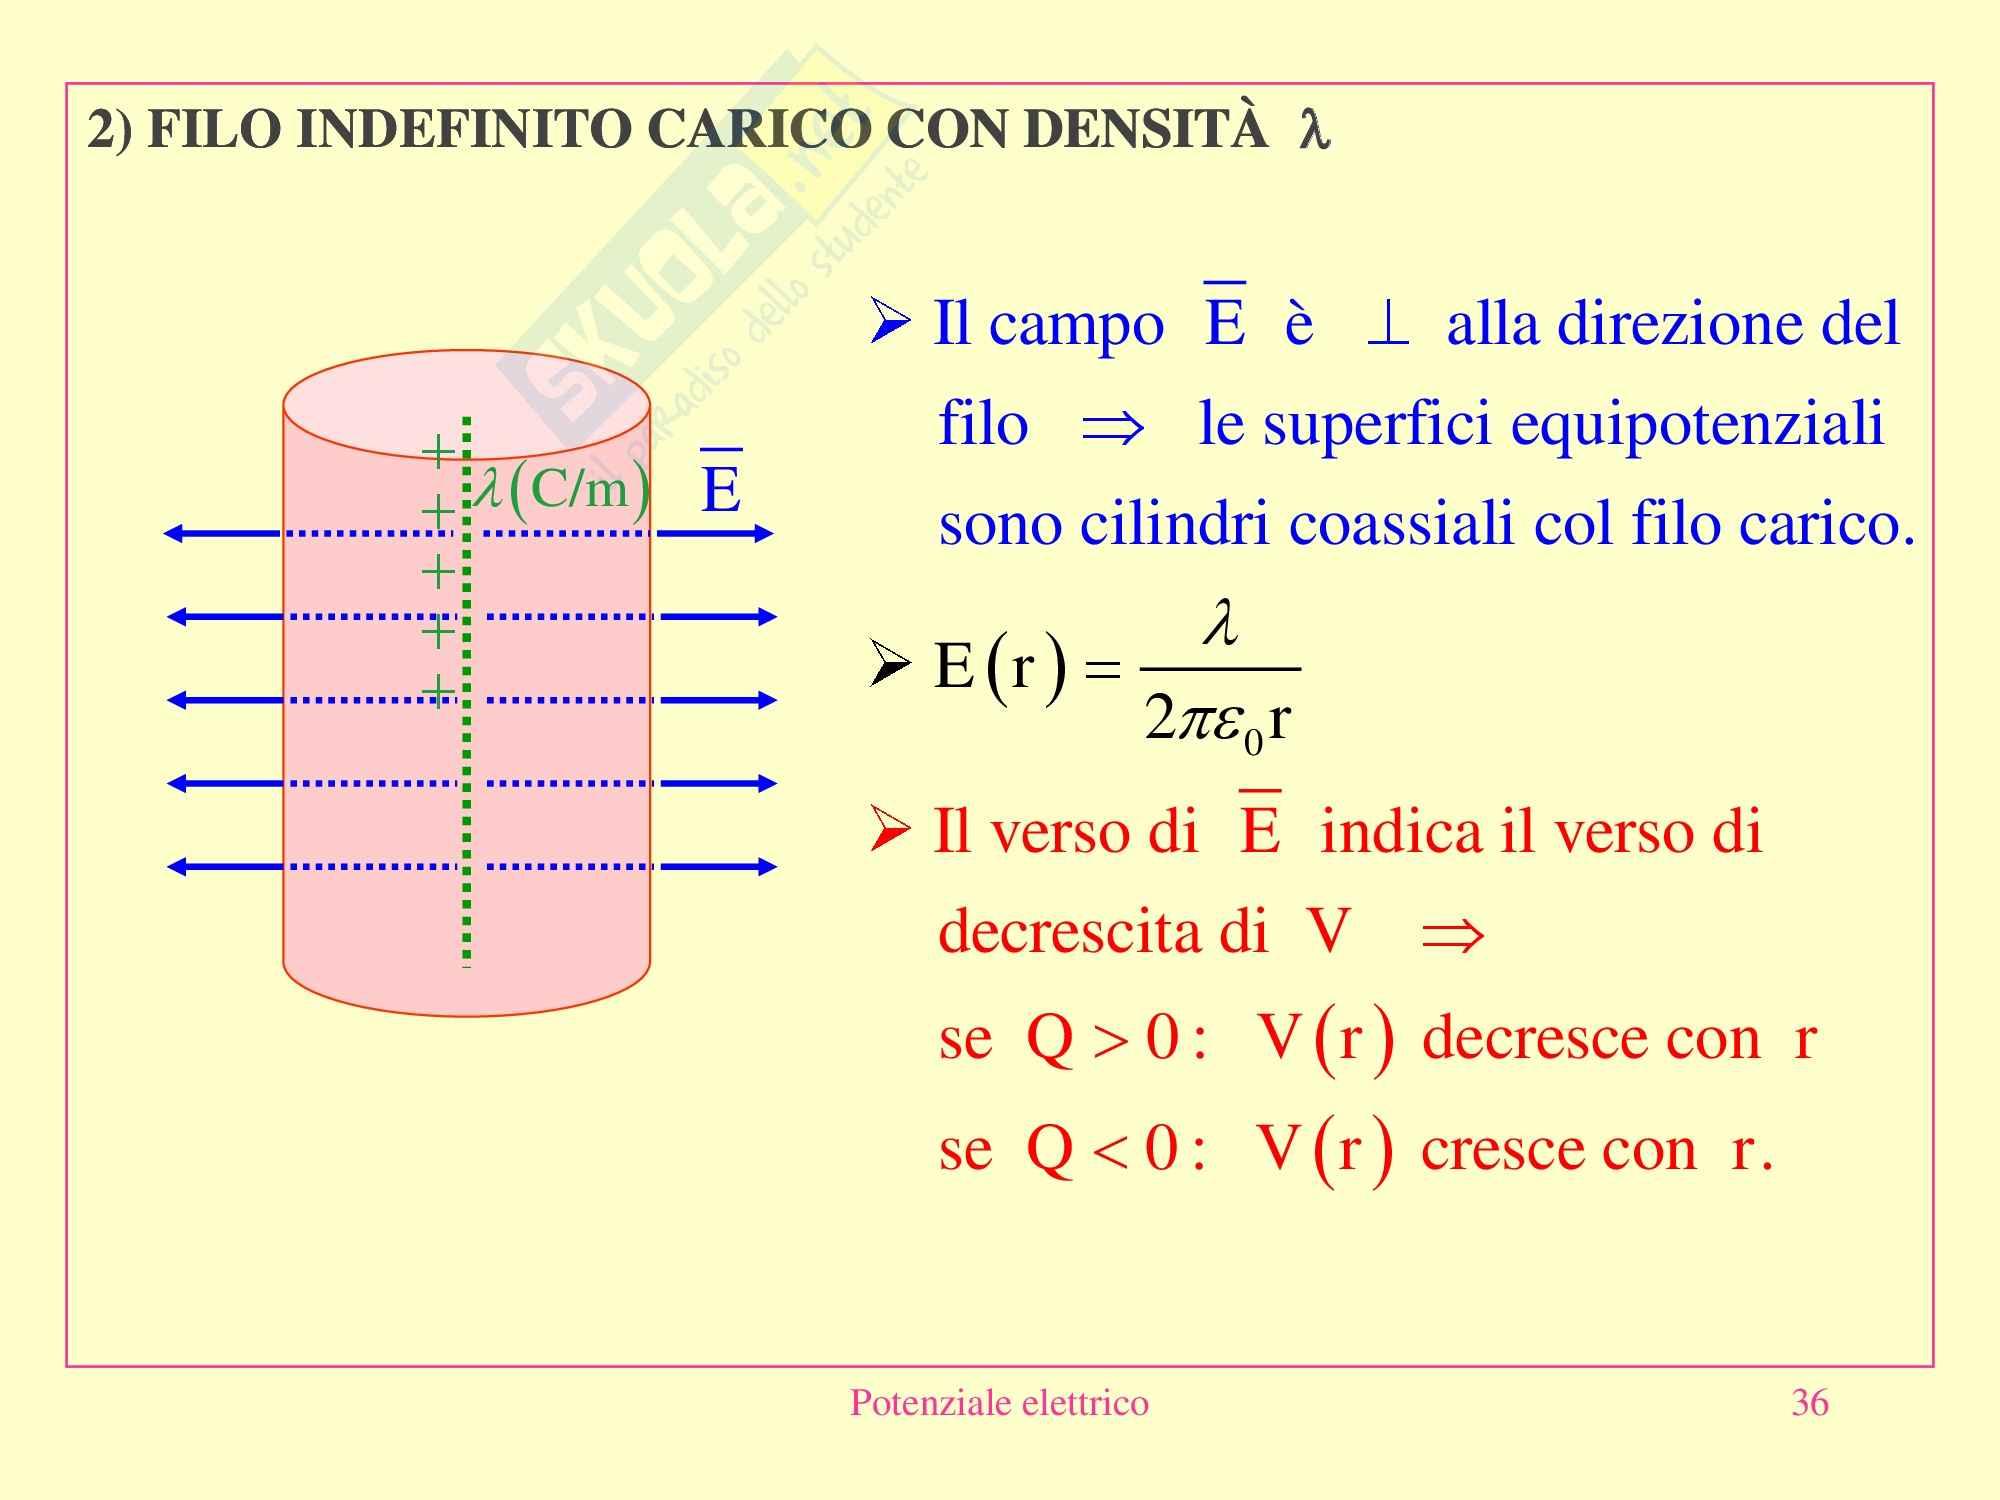 Fisica applicata - Potenziale elettrico Pag. 36